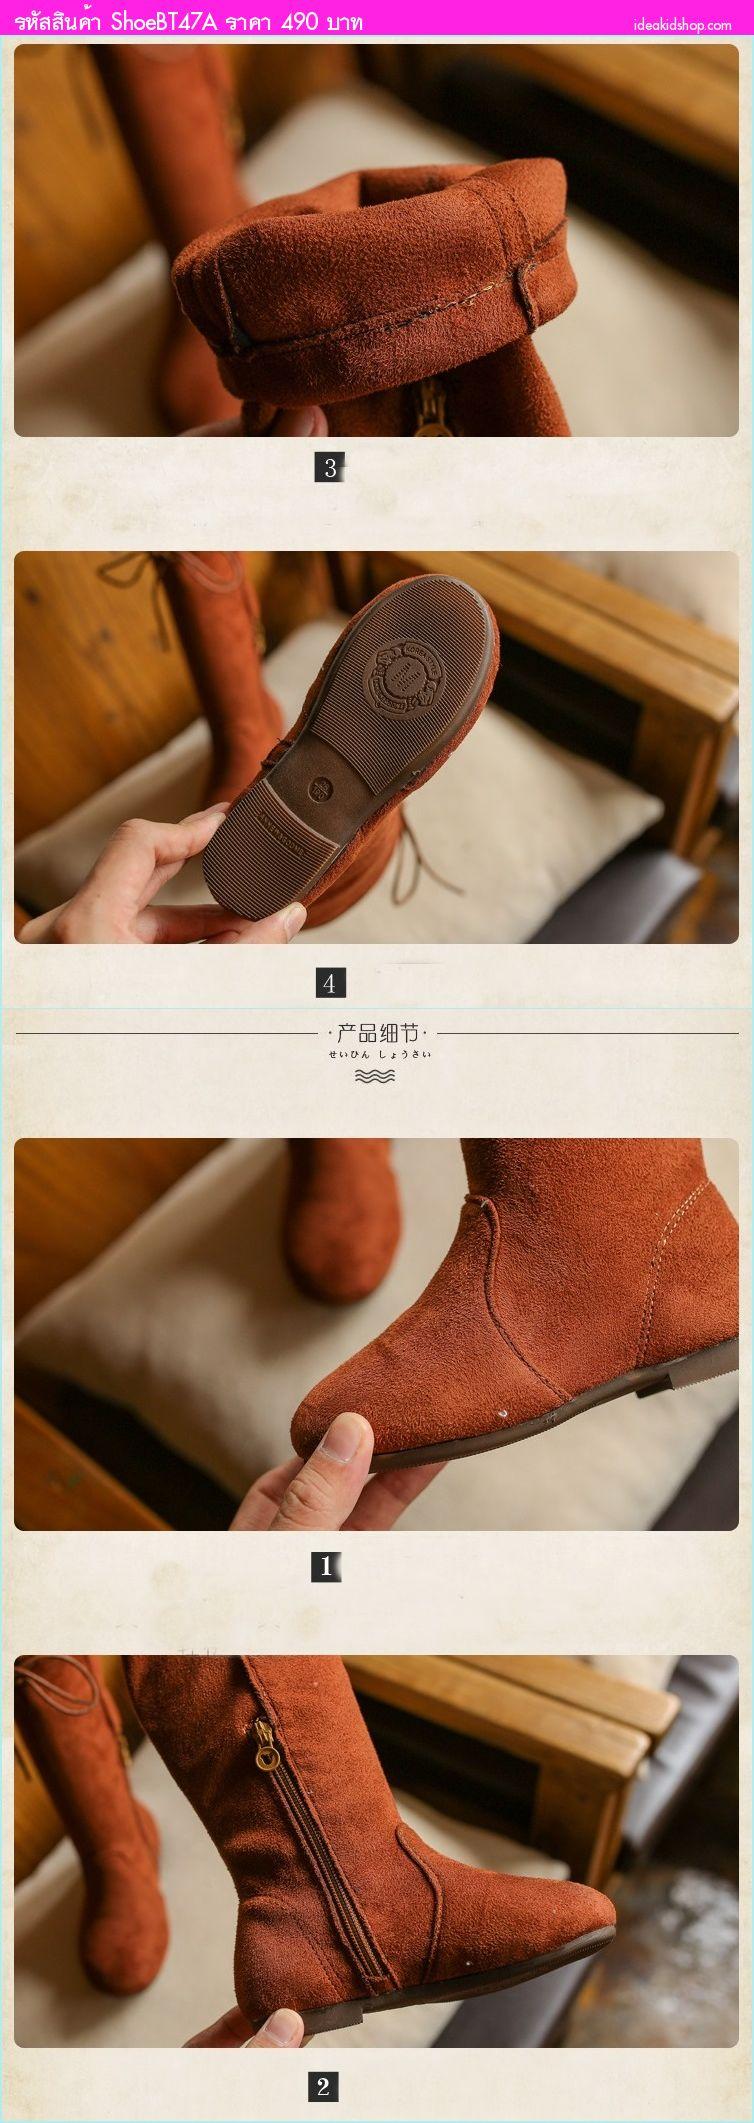 รองเท้าบูทเด็กผ้ากำมะหยี่ทรงสูง สีน้ำตาล